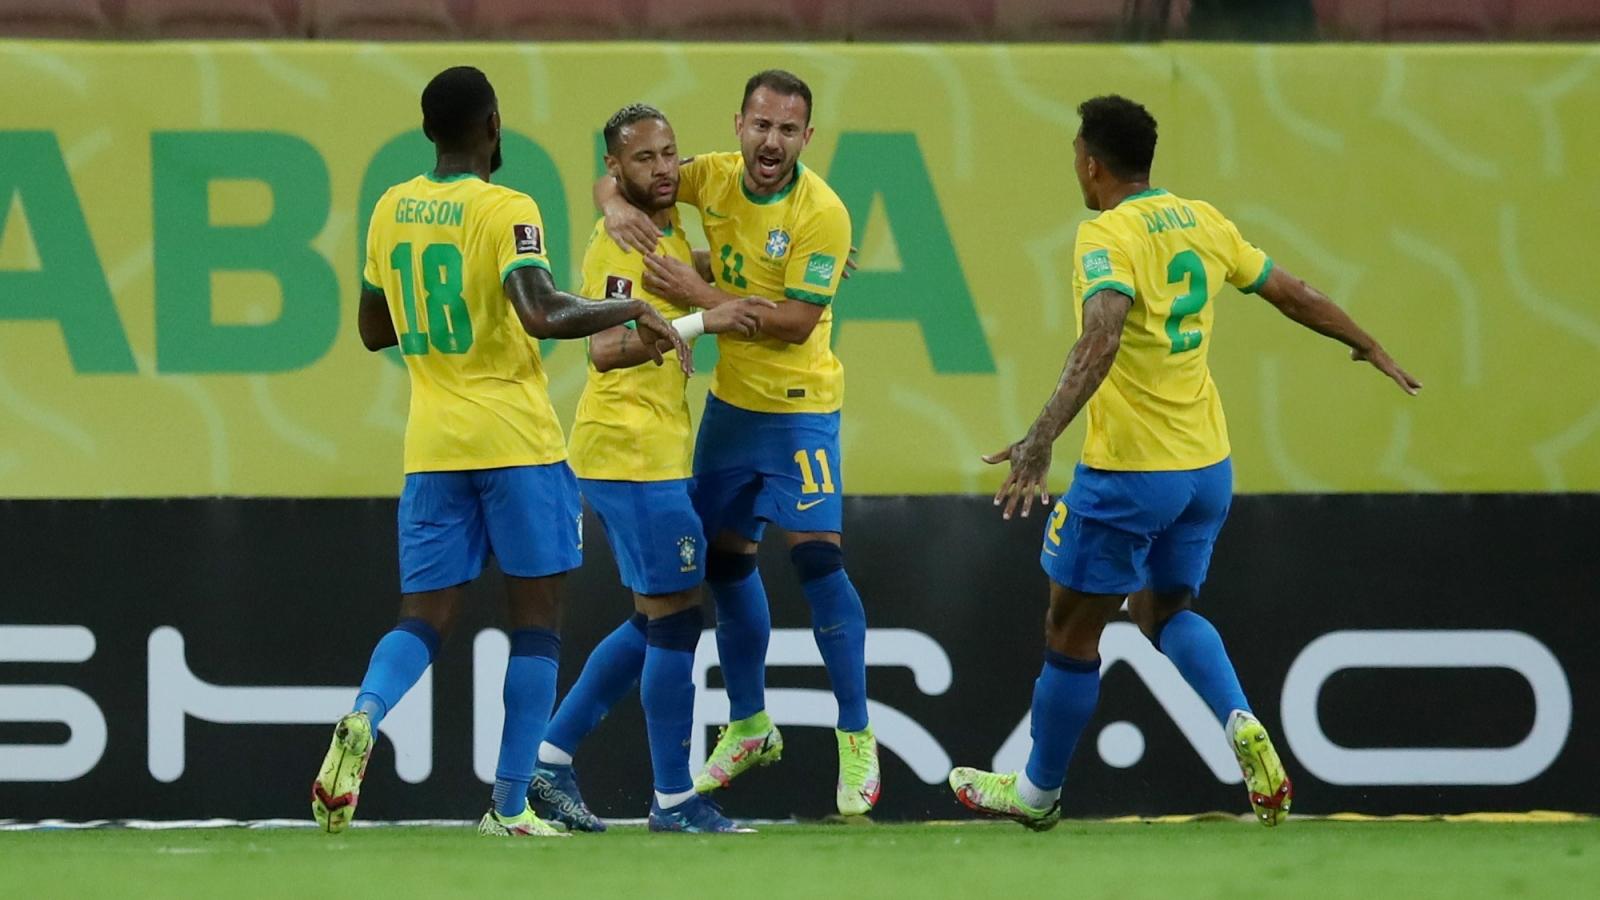 Bảng xếp hạng vòng loại World Cup 2022 khu vực Nam Mỹ: Brazil toàn thắng, tiến gần VCK